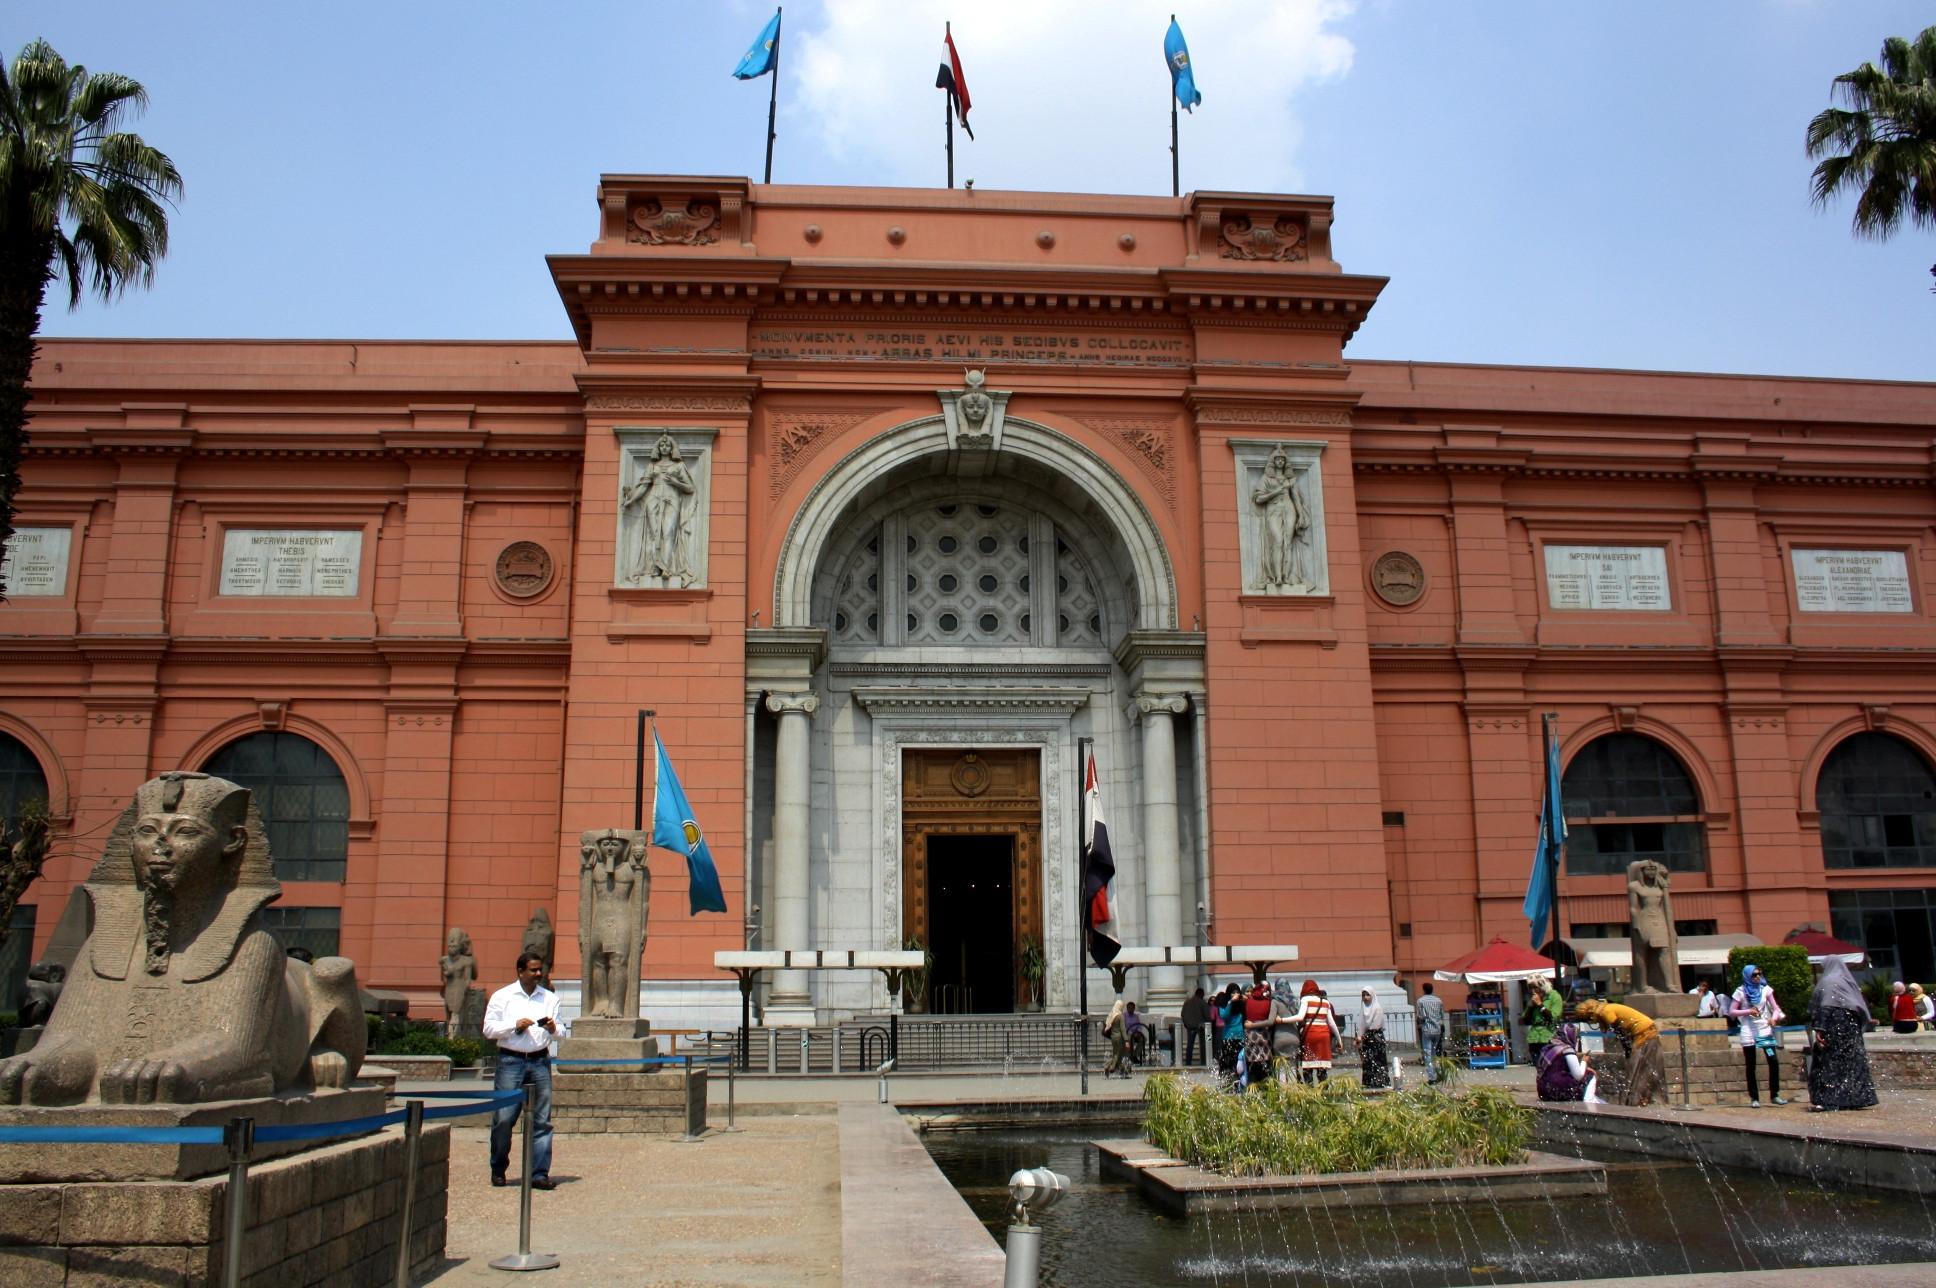 أماكن سياحية عائلية في القاهرة - المتحف المصري